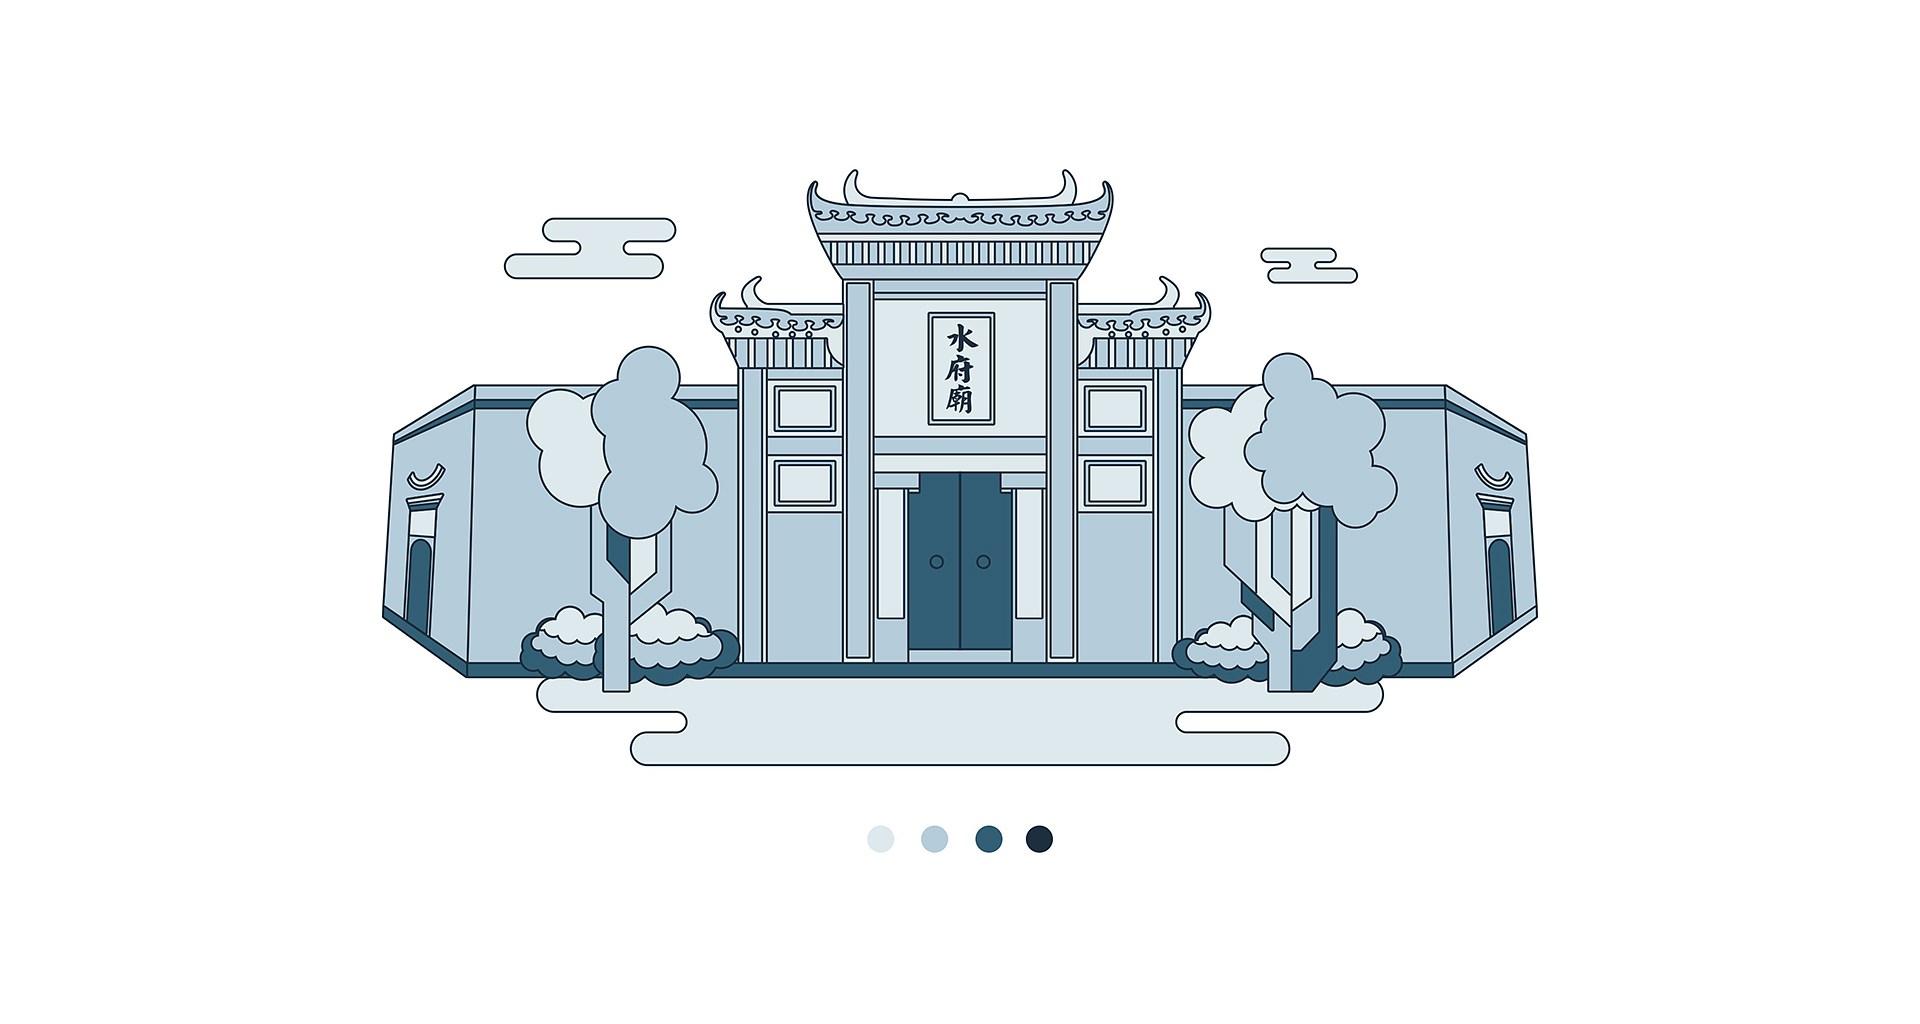 水府茶新万博竞彩app苹果下载万博manbetx手机版苹果下载_0011.JPG